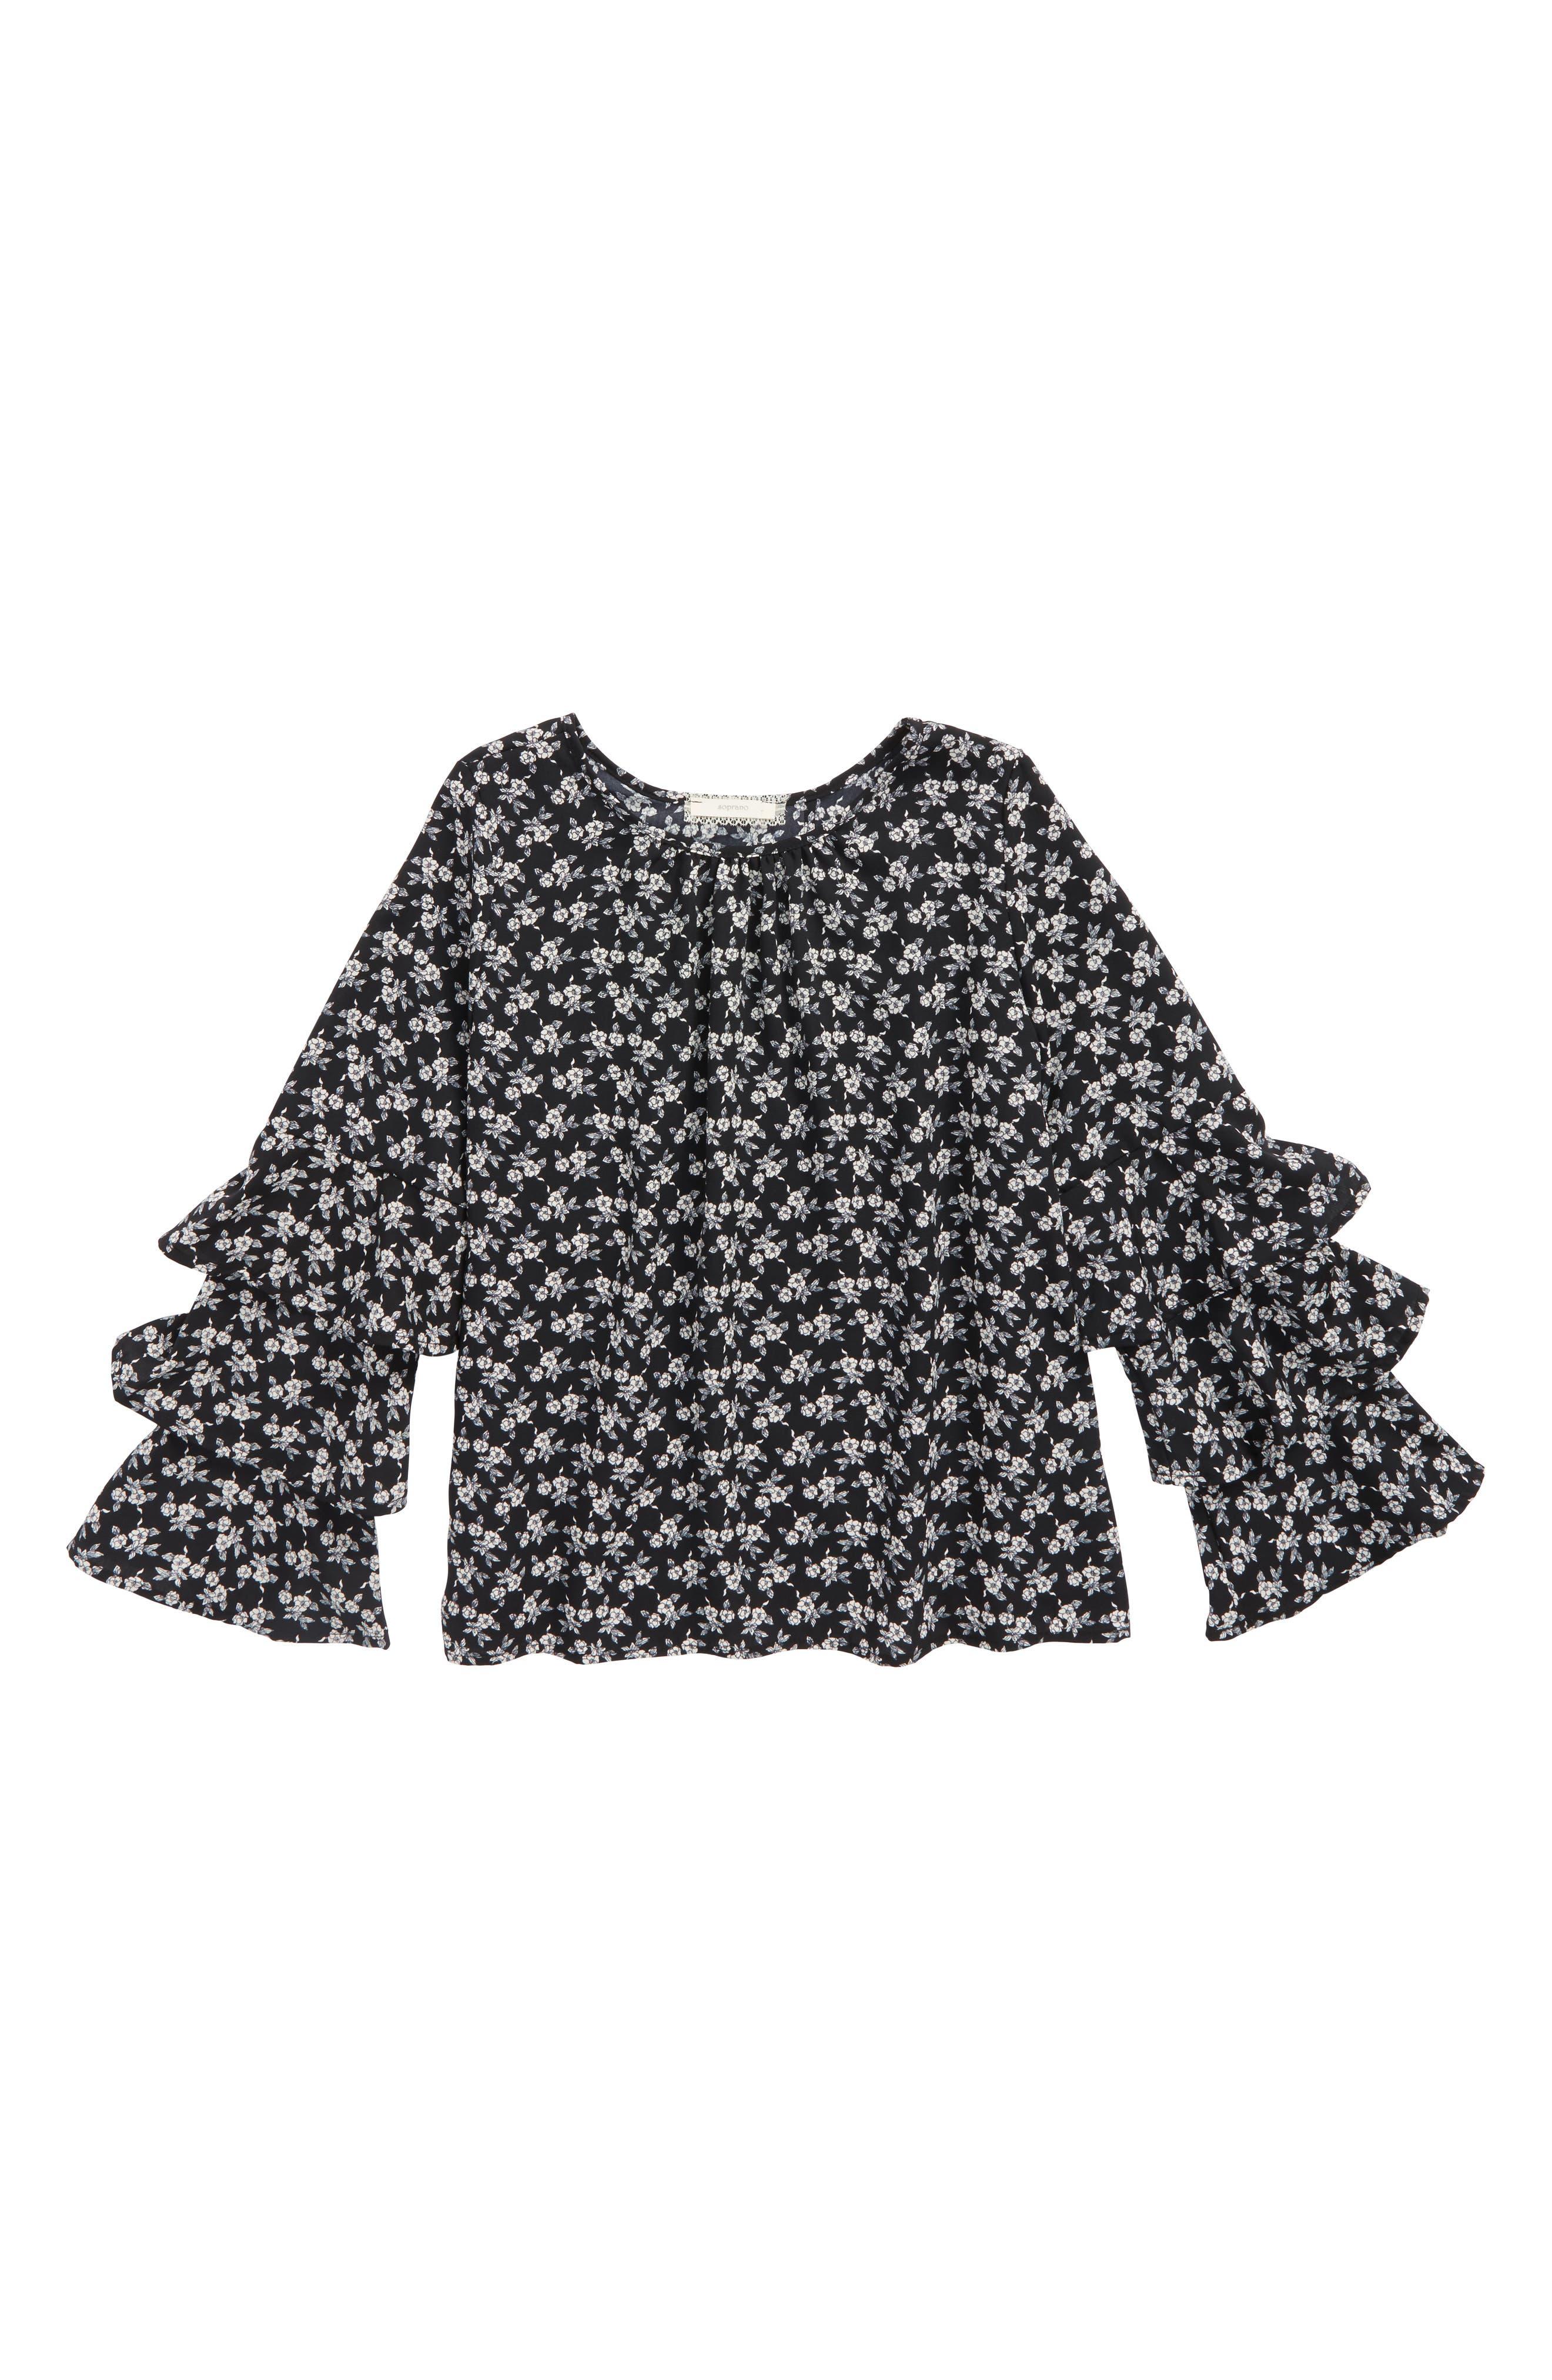 Pretty Woven Top,                         Main,                         color, Black/ Wht Per Sample